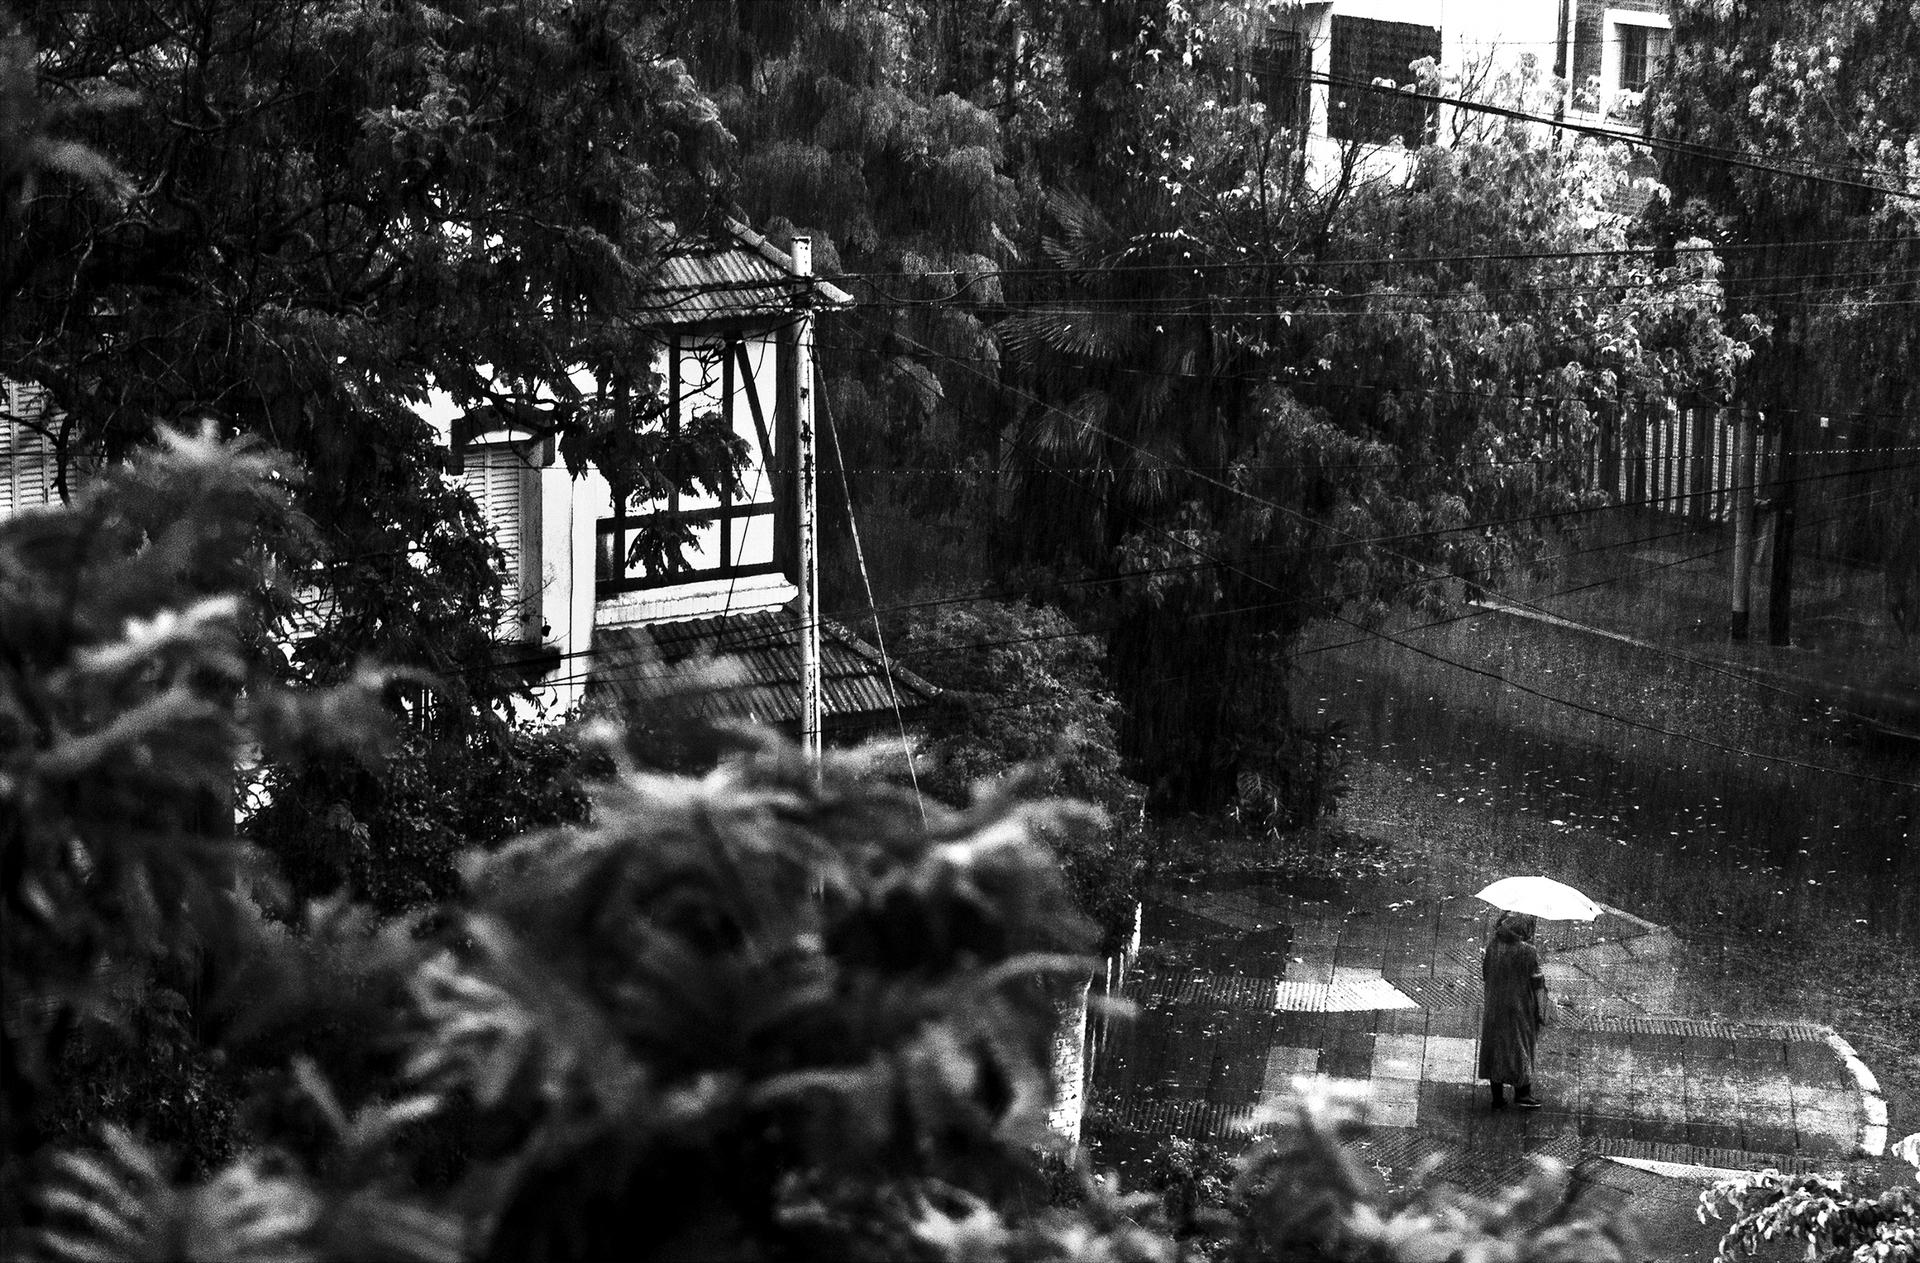 Siempre empezó a llover, fotografías desde Julio Cortázar (Fotografías y poema)